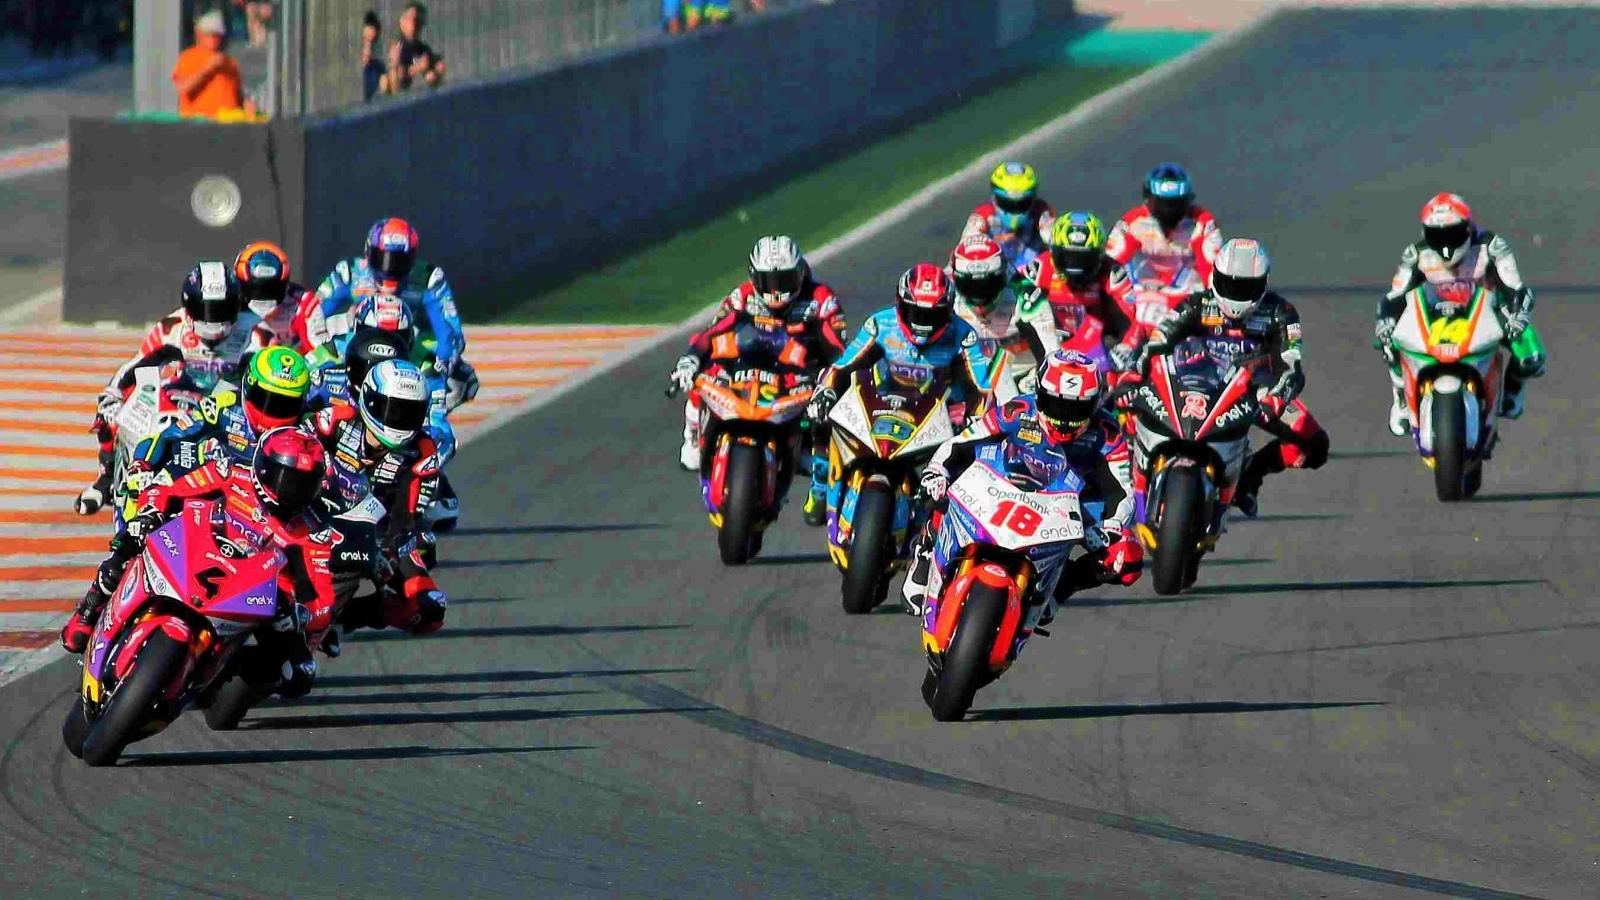 Motoe 2019 Pilotos Moto Calendario 4 Españoles Y Cinco